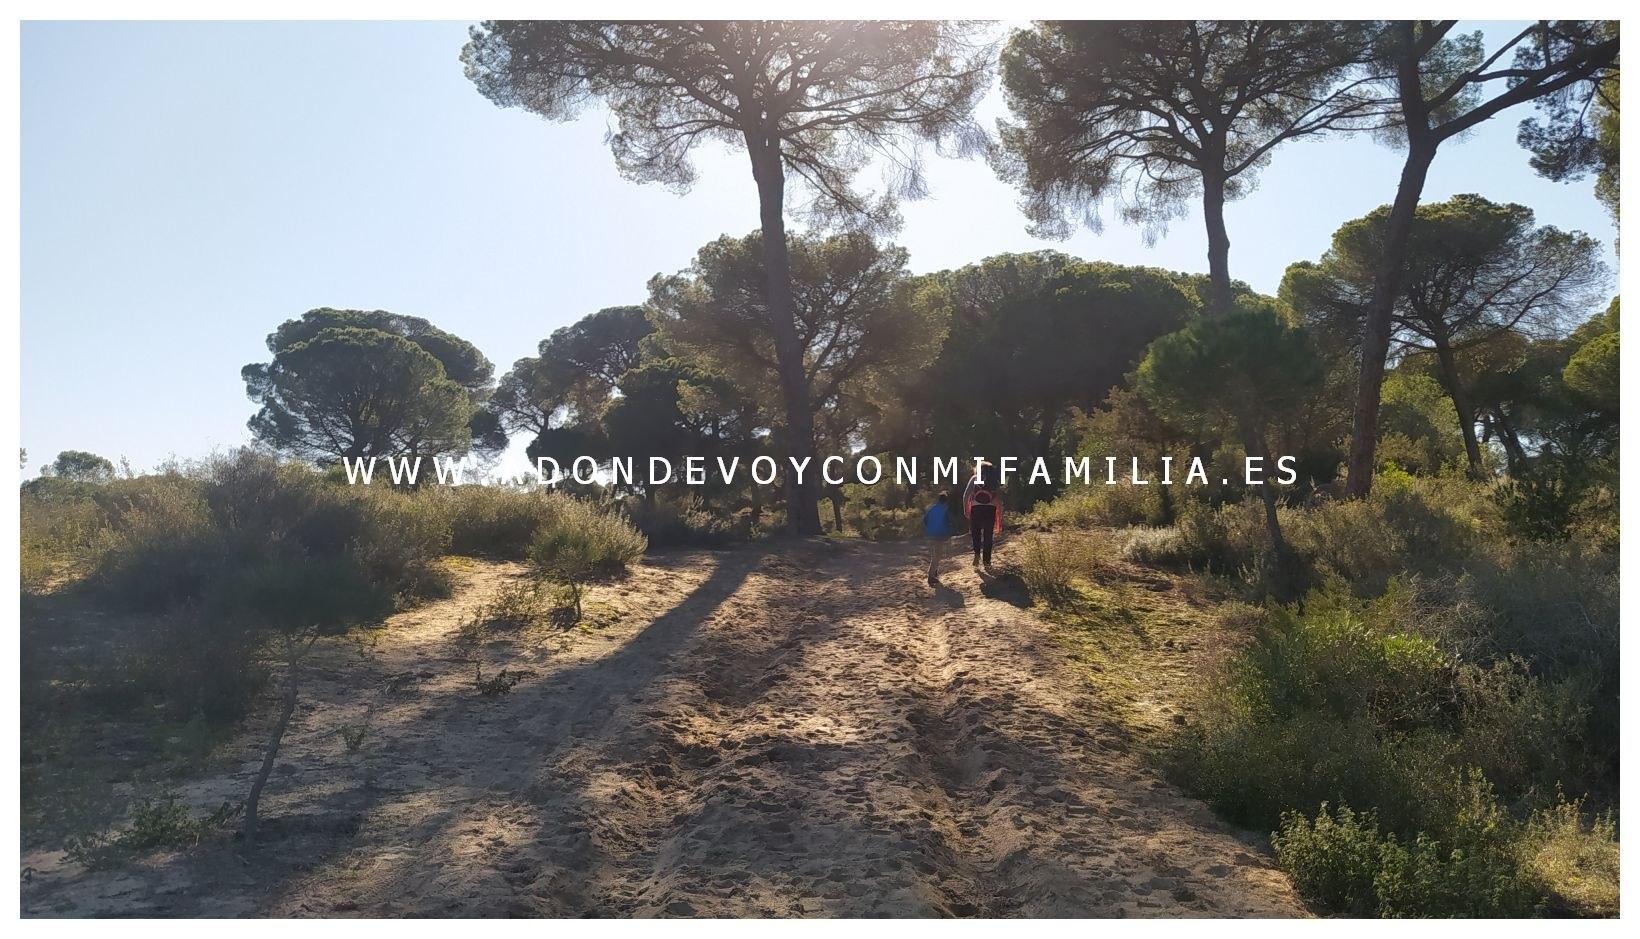 sendero-cerro-del-aguila-pinar-de-la-algaida-sanlucar-adondevoyconmifamilia-56